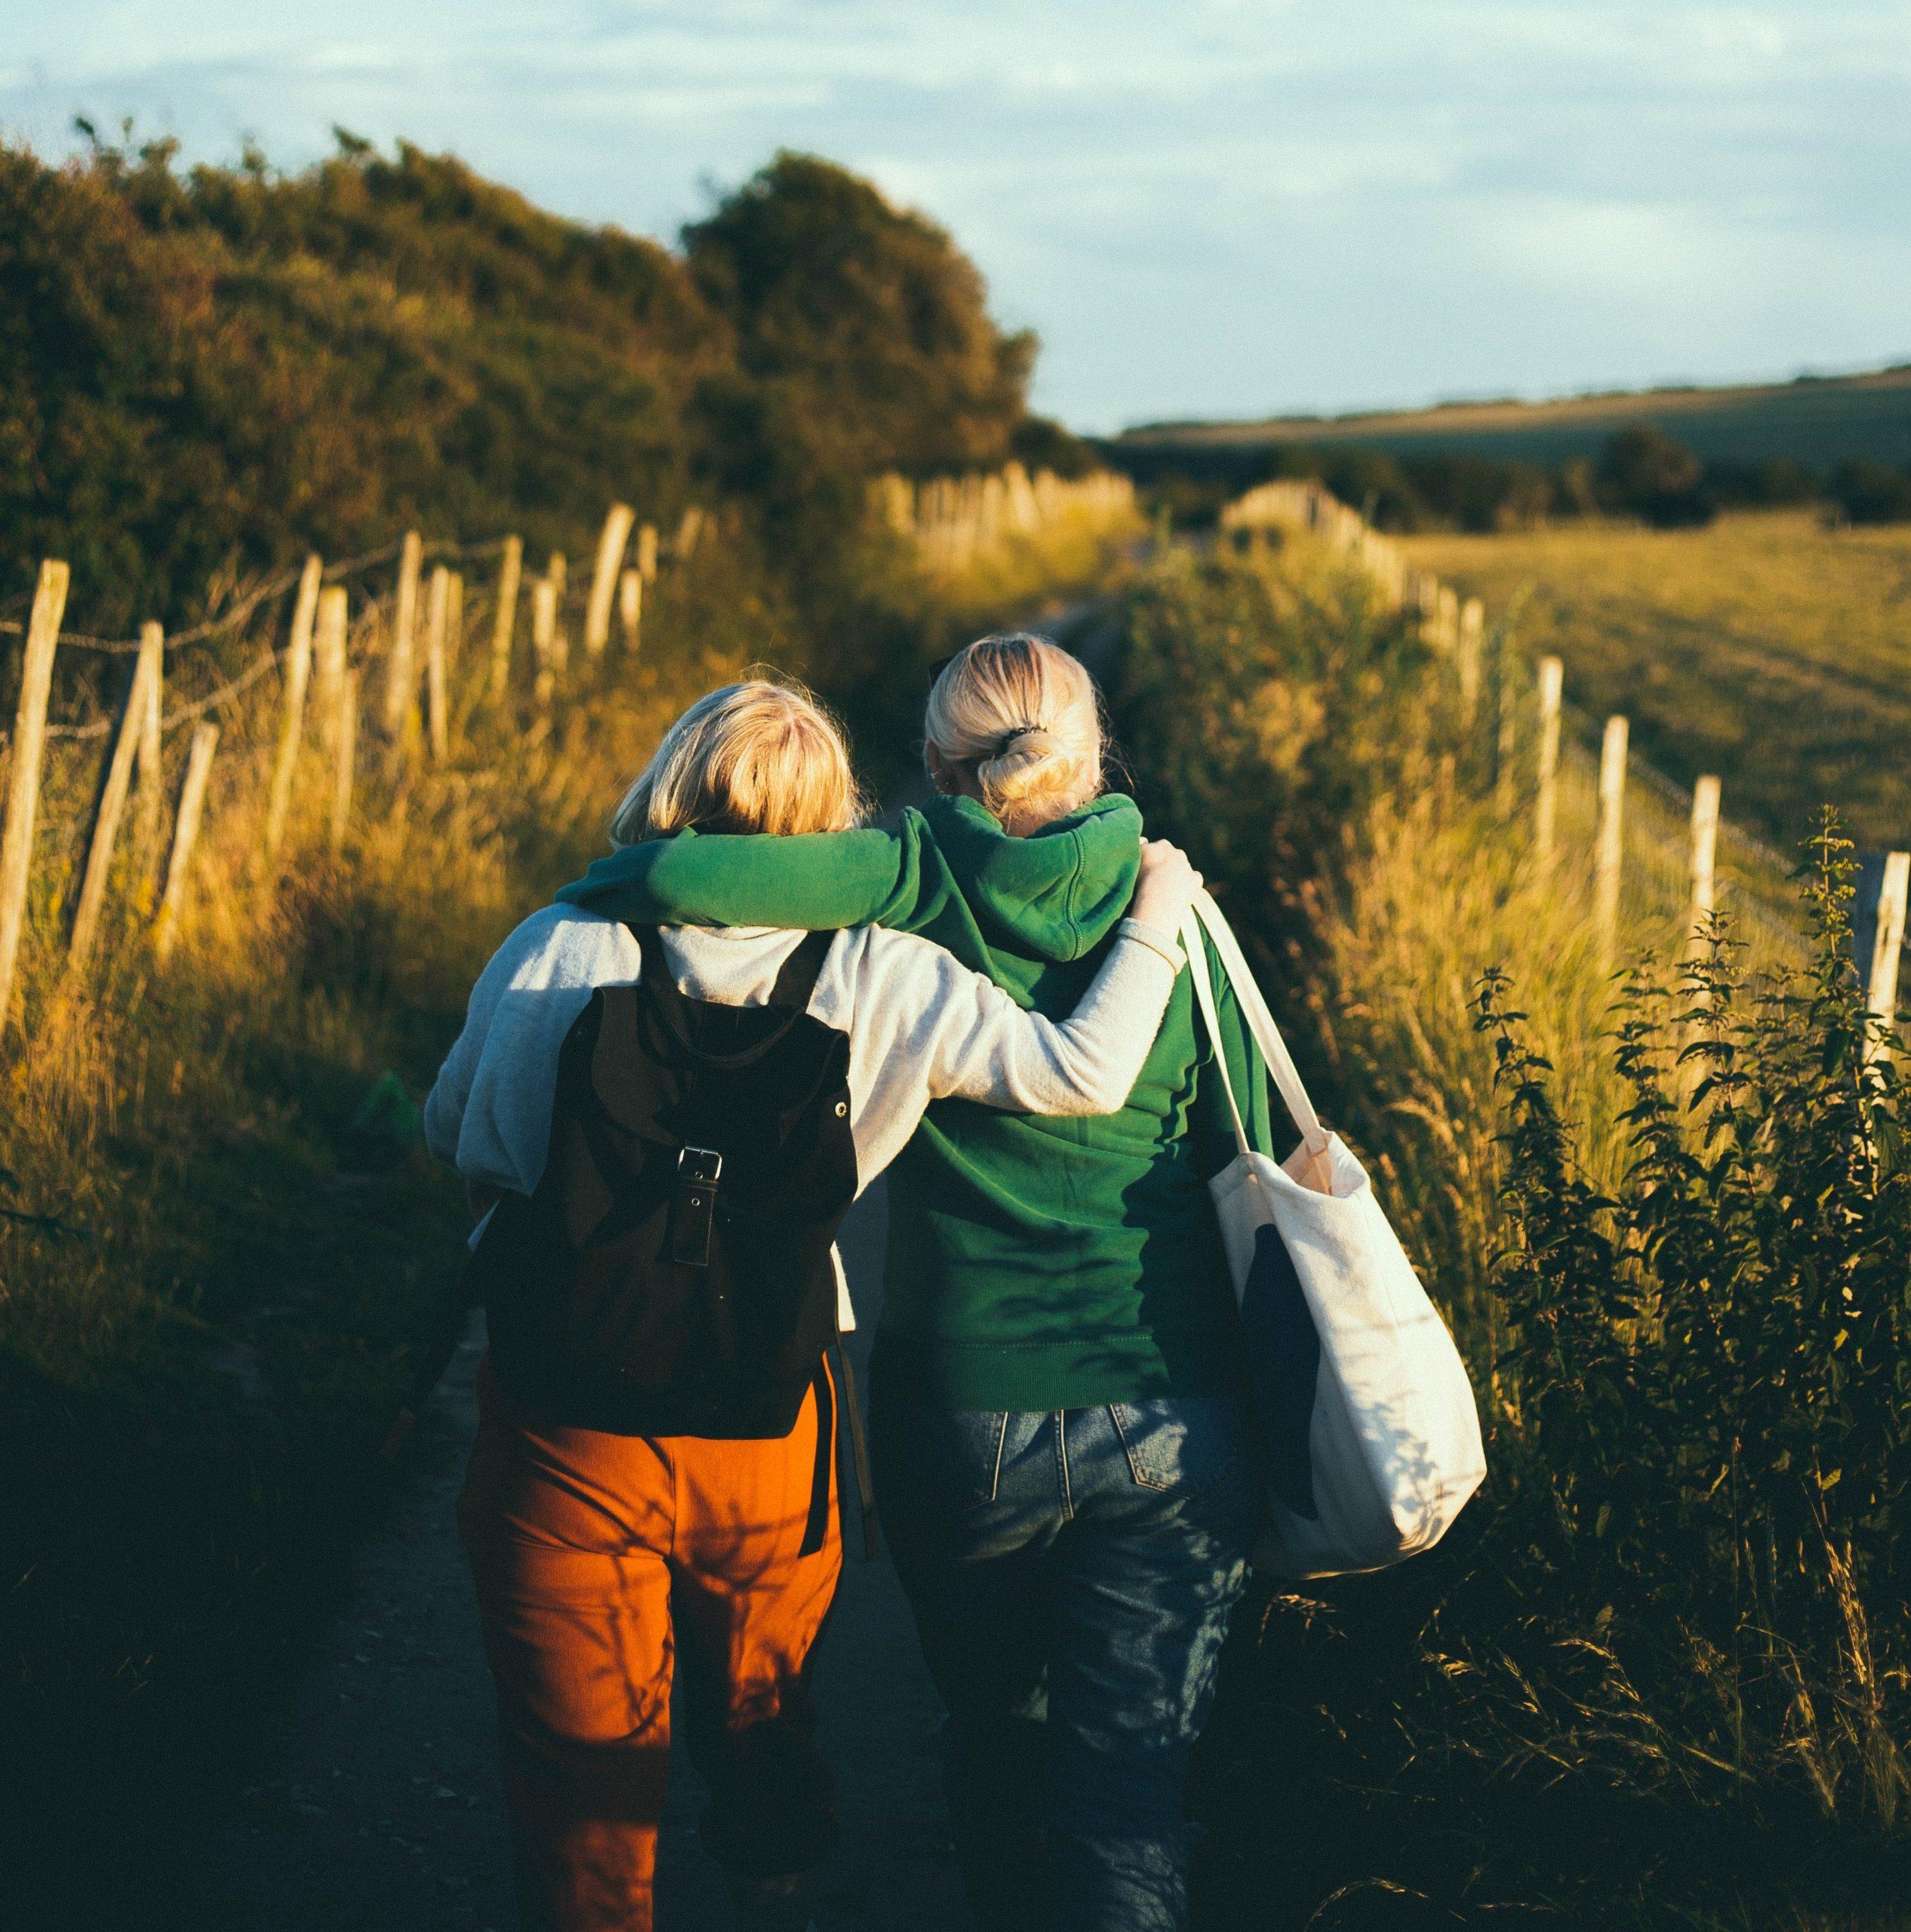 Friends walkingtogether